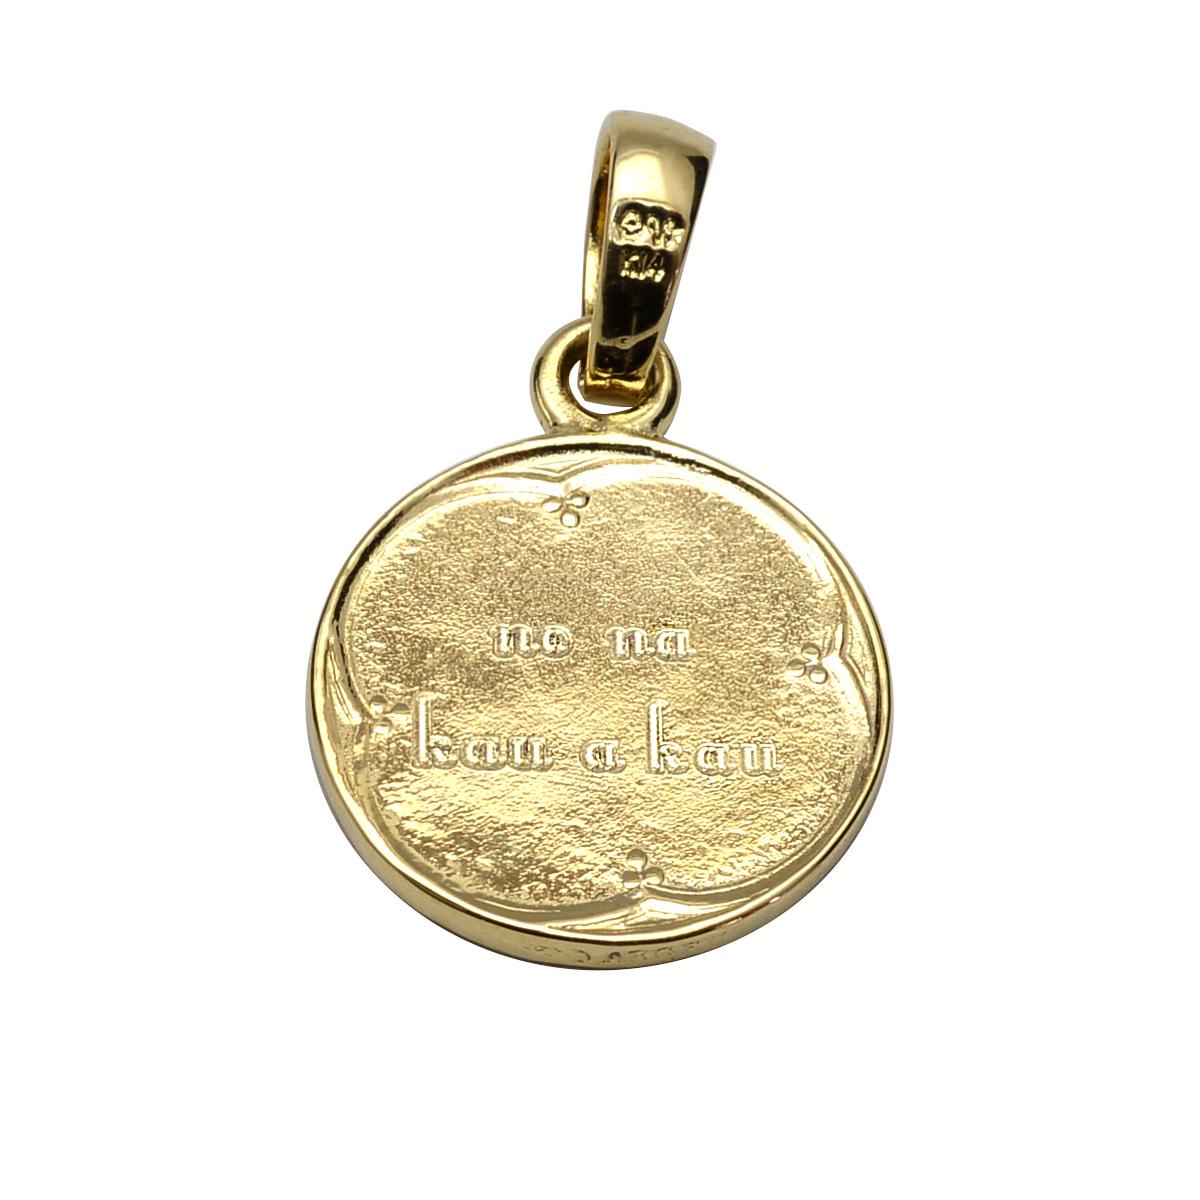 ネックレス ハワイアンジュエリー アクセサリー レディース 女性 メンズ 男性 K14 イエローゴールド キリスト メダイ ラウンド ペンダントトップ(付属チェーン無) apd1508